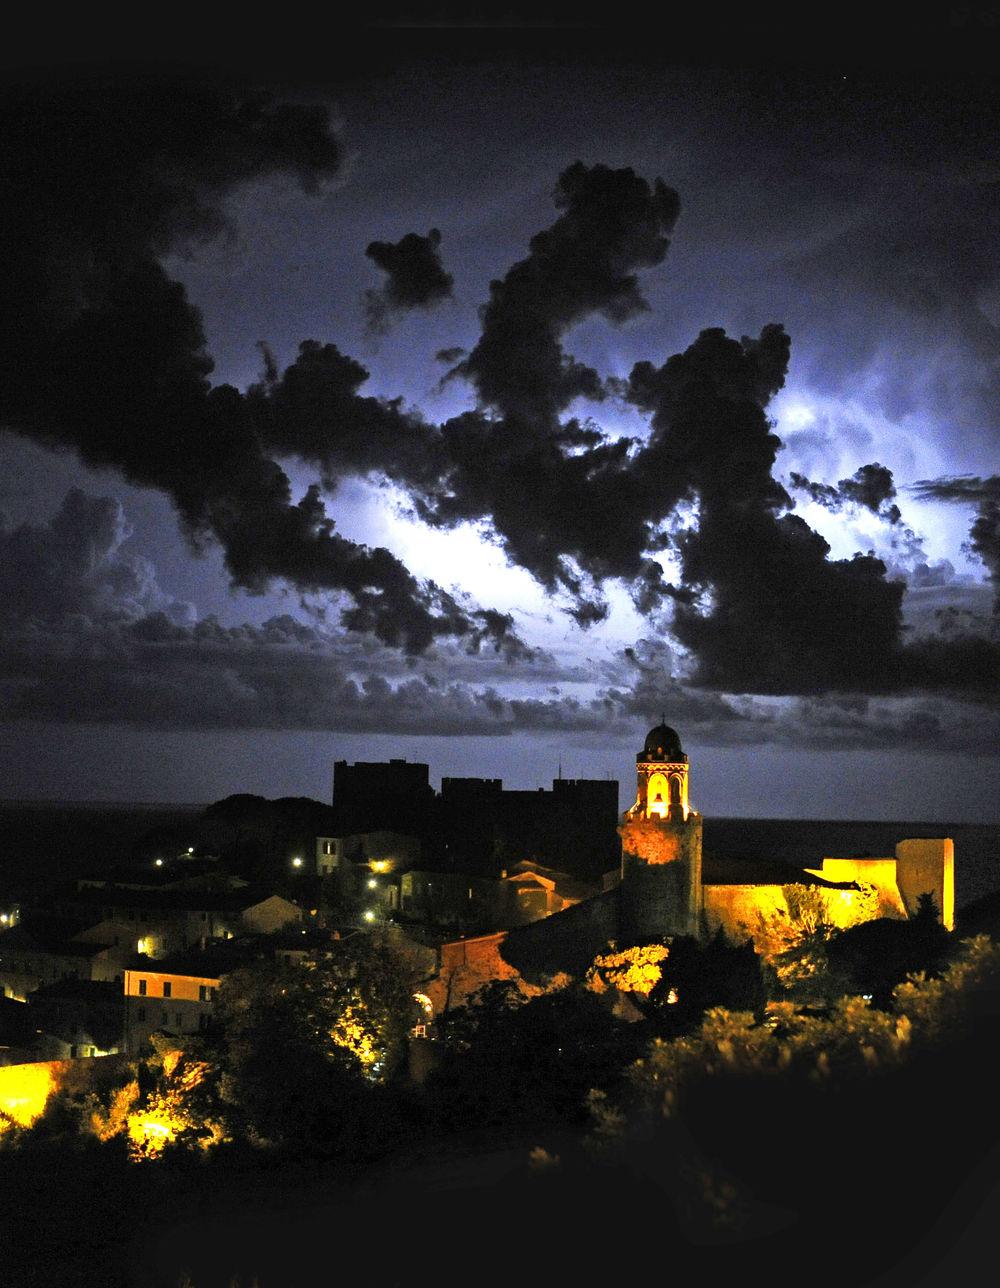 Castiglione della Pescaia - The Maremma: a witch - Tuscany, Beautiful Everywhere